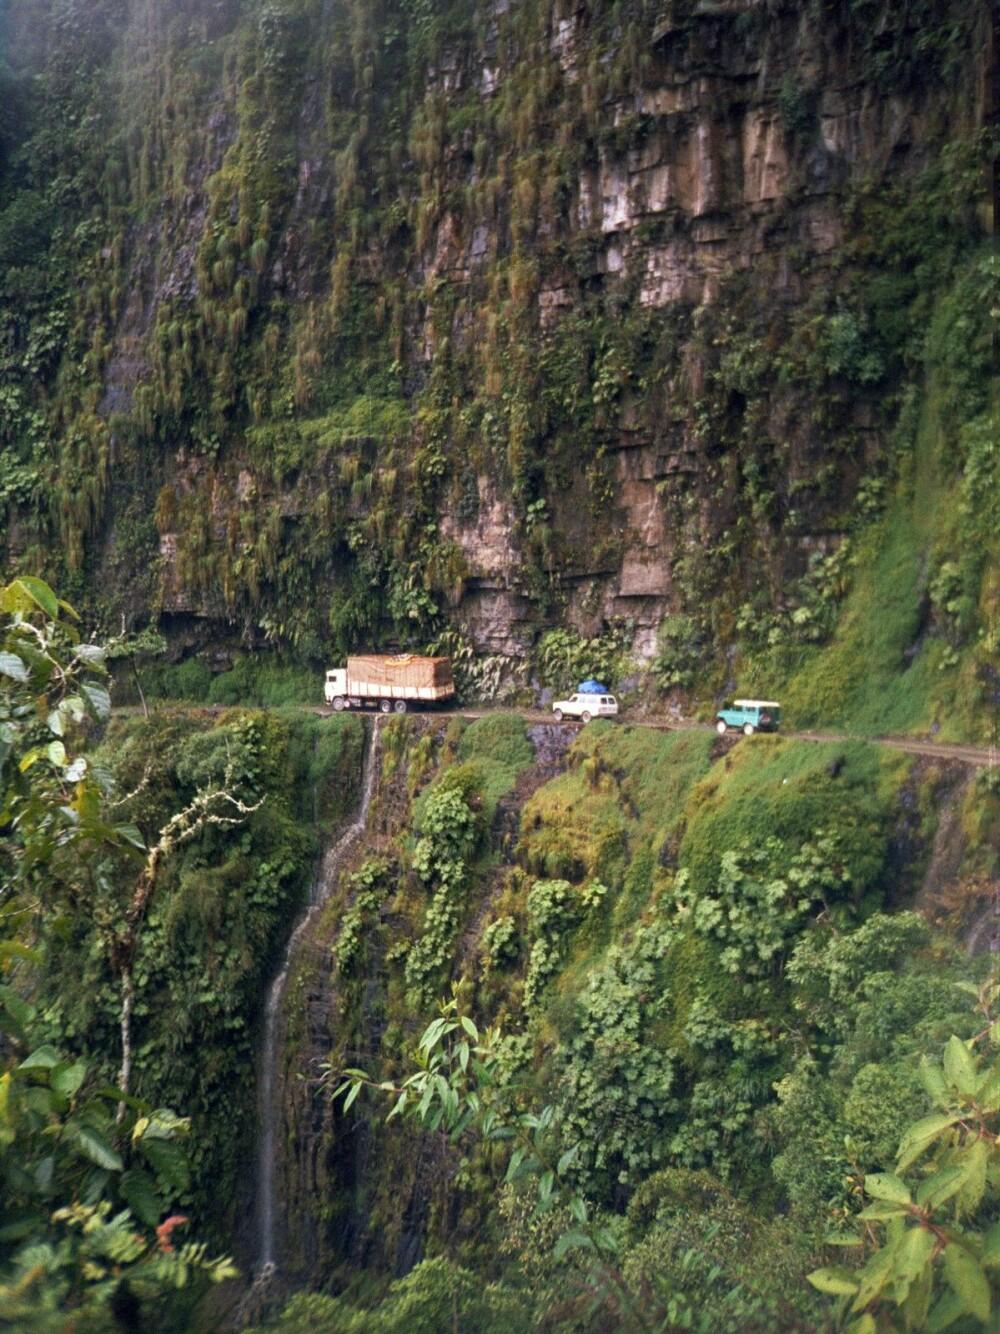 <b><SPAN CLASS=BOLD><STRONG>DØDSVEIEN:</b></strong> </span>Yungasveien eller North Yungas Road i Bolivia har årlig krevd mange hundrede menneskeliv. Nå finnes det en alternativ vei, men mange turister tar likevel den ekstremt farlig veien.